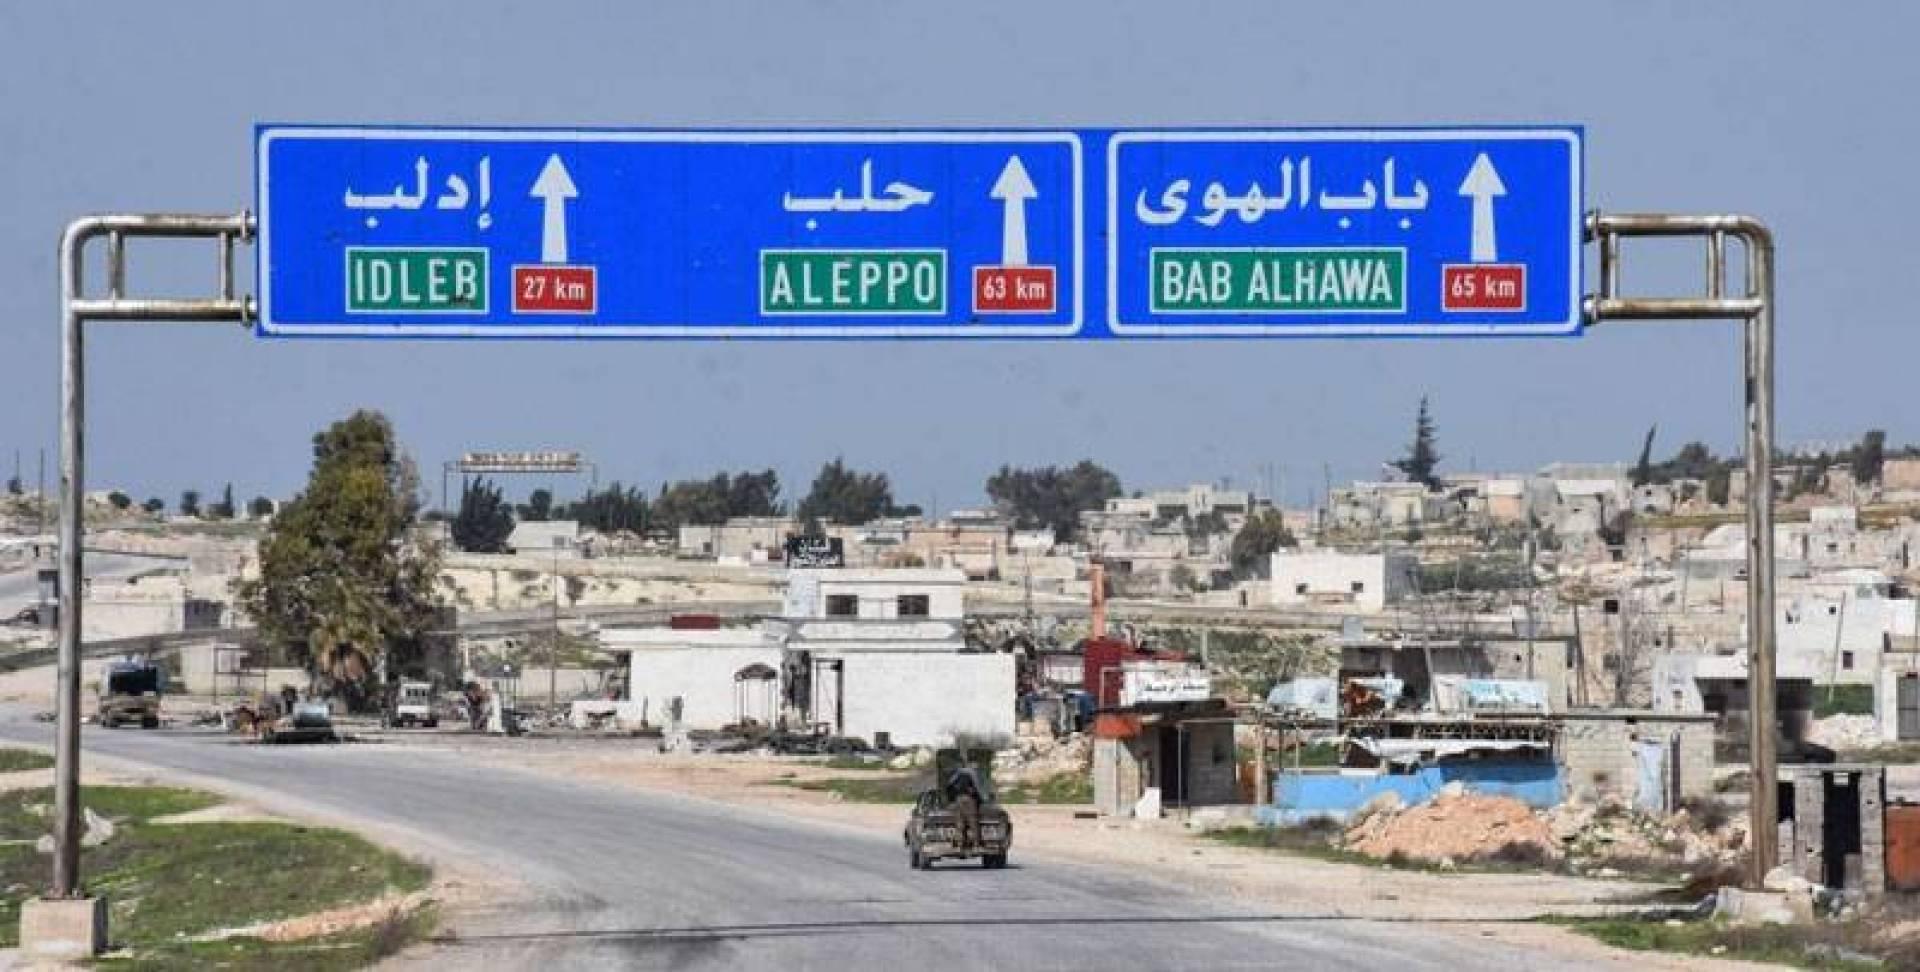 خلاف روسي - تركي يترجم تصعيداً في إدلب